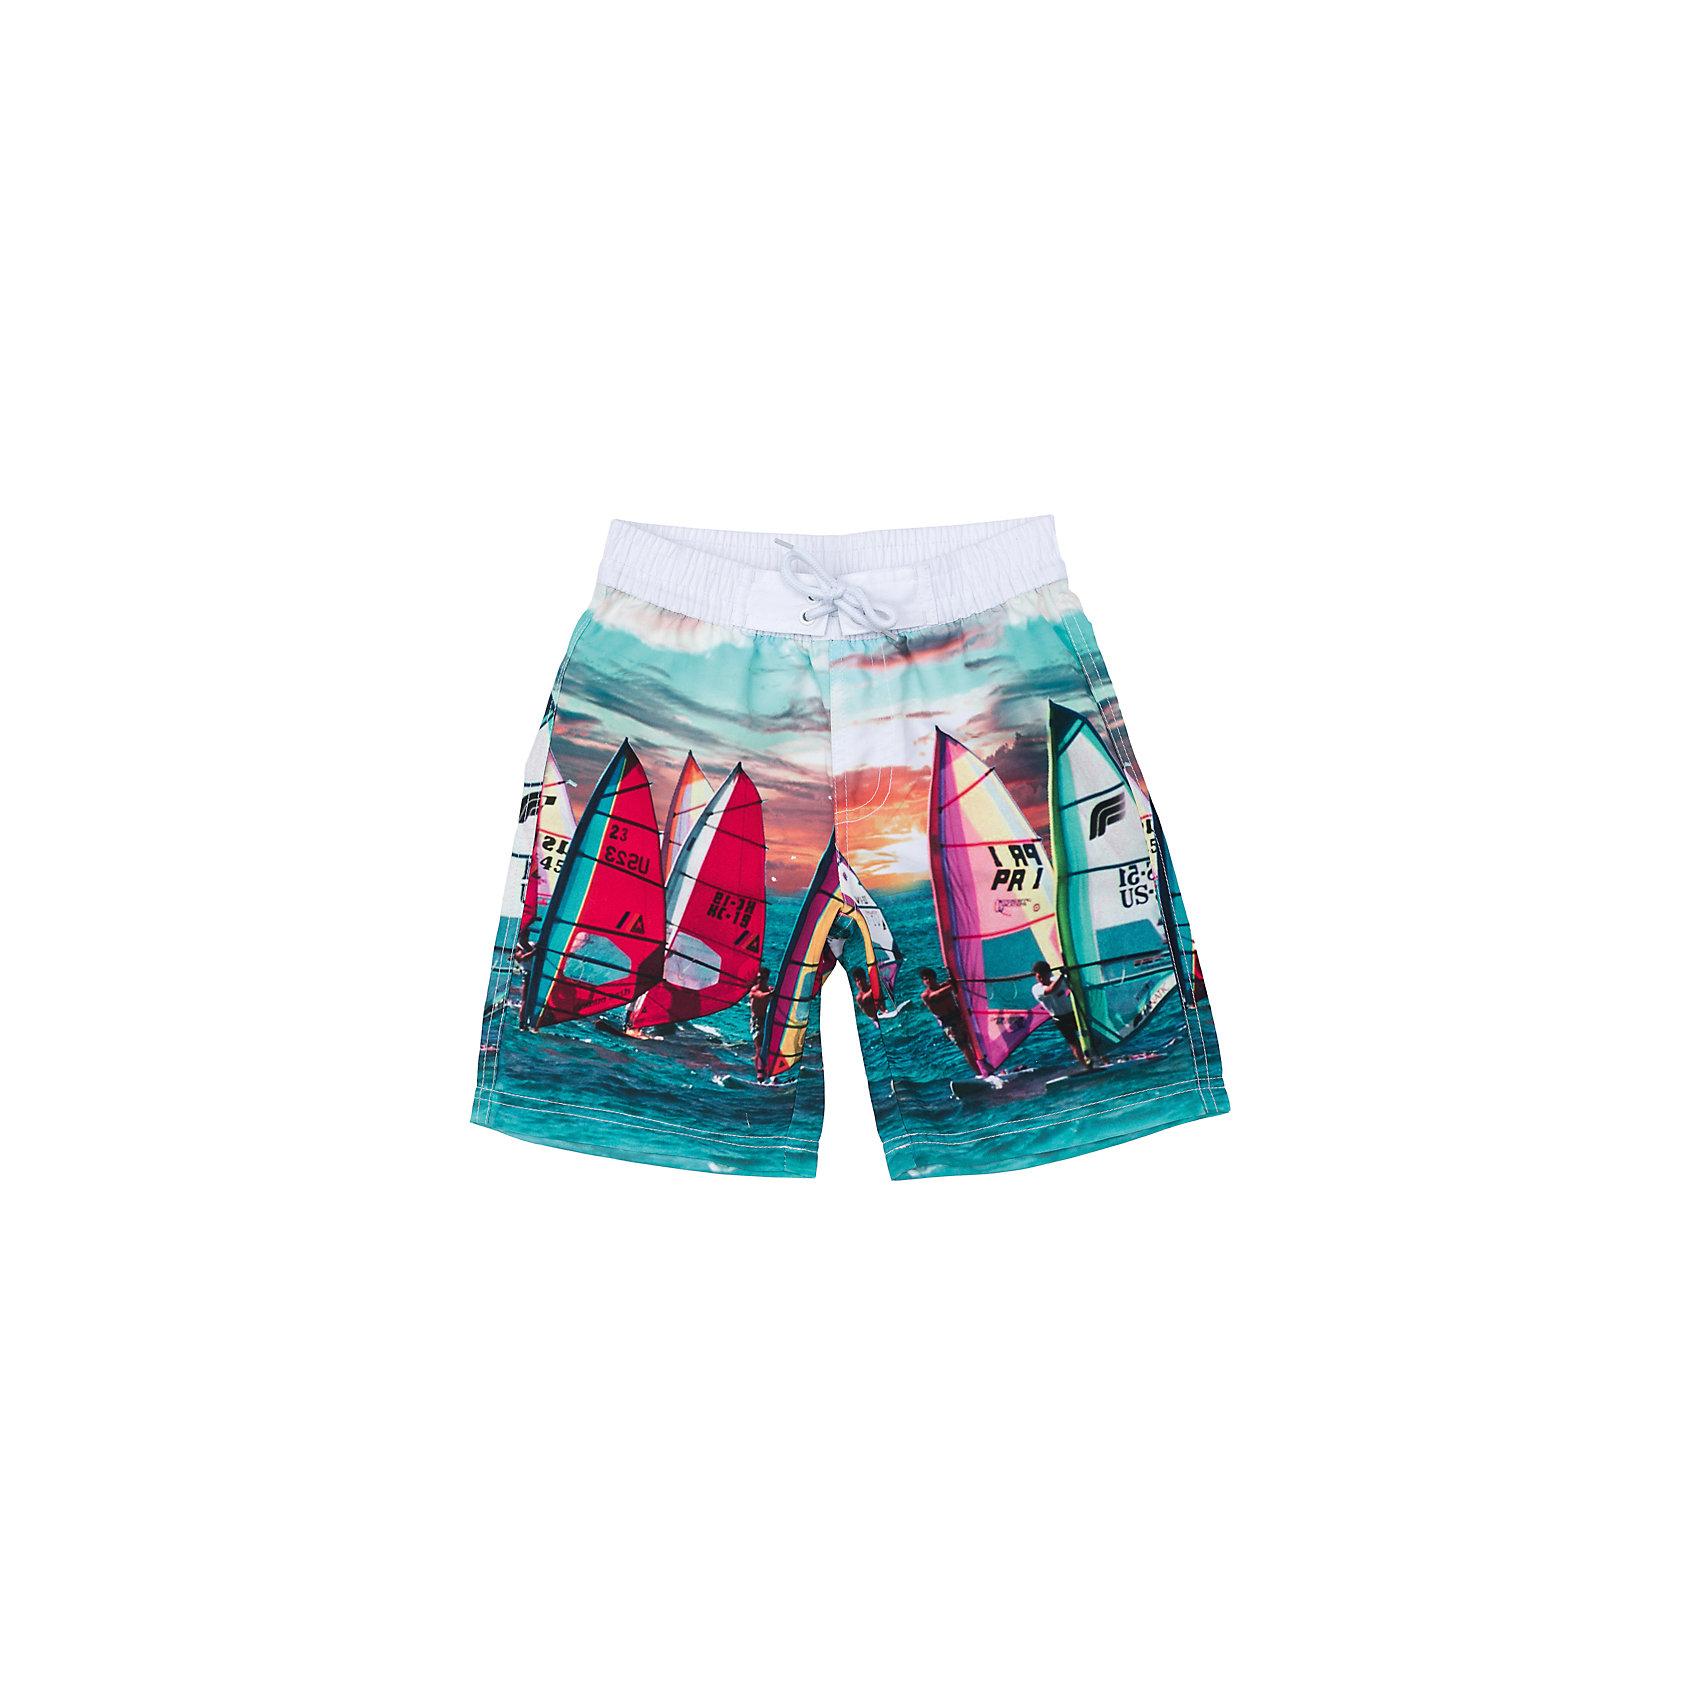 Шорты-плавки для мальчика PlayTodayКупальники и плавки<br>шорты-плавки для мальчика PlayToday<br>Плавки -  это неотъемлемая часть летнего гардероба. Быстросохнущий и эластичный материал этой модели приятен к телу, в этих плавках будет удобно и комфортно, а яркая морская расцветка понравится Вашему ребенку!Преимущества: Быстросохнущий эластичный материалЯркая морская расцветка<br>Состав:<br>100% полиэстер<br><br>Ширина мм: 191<br>Глубина мм: 10<br>Высота мм: 175<br>Вес г: 273<br>Цвет: светло-зеленый<br>Возраст от месяцев: 24<br>Возраст до месяцев: 36<br>Пол: Мужской<br>Возраст: Детский<br>Размер: 98,110,128,104,116,122<br>SKU: 5403461